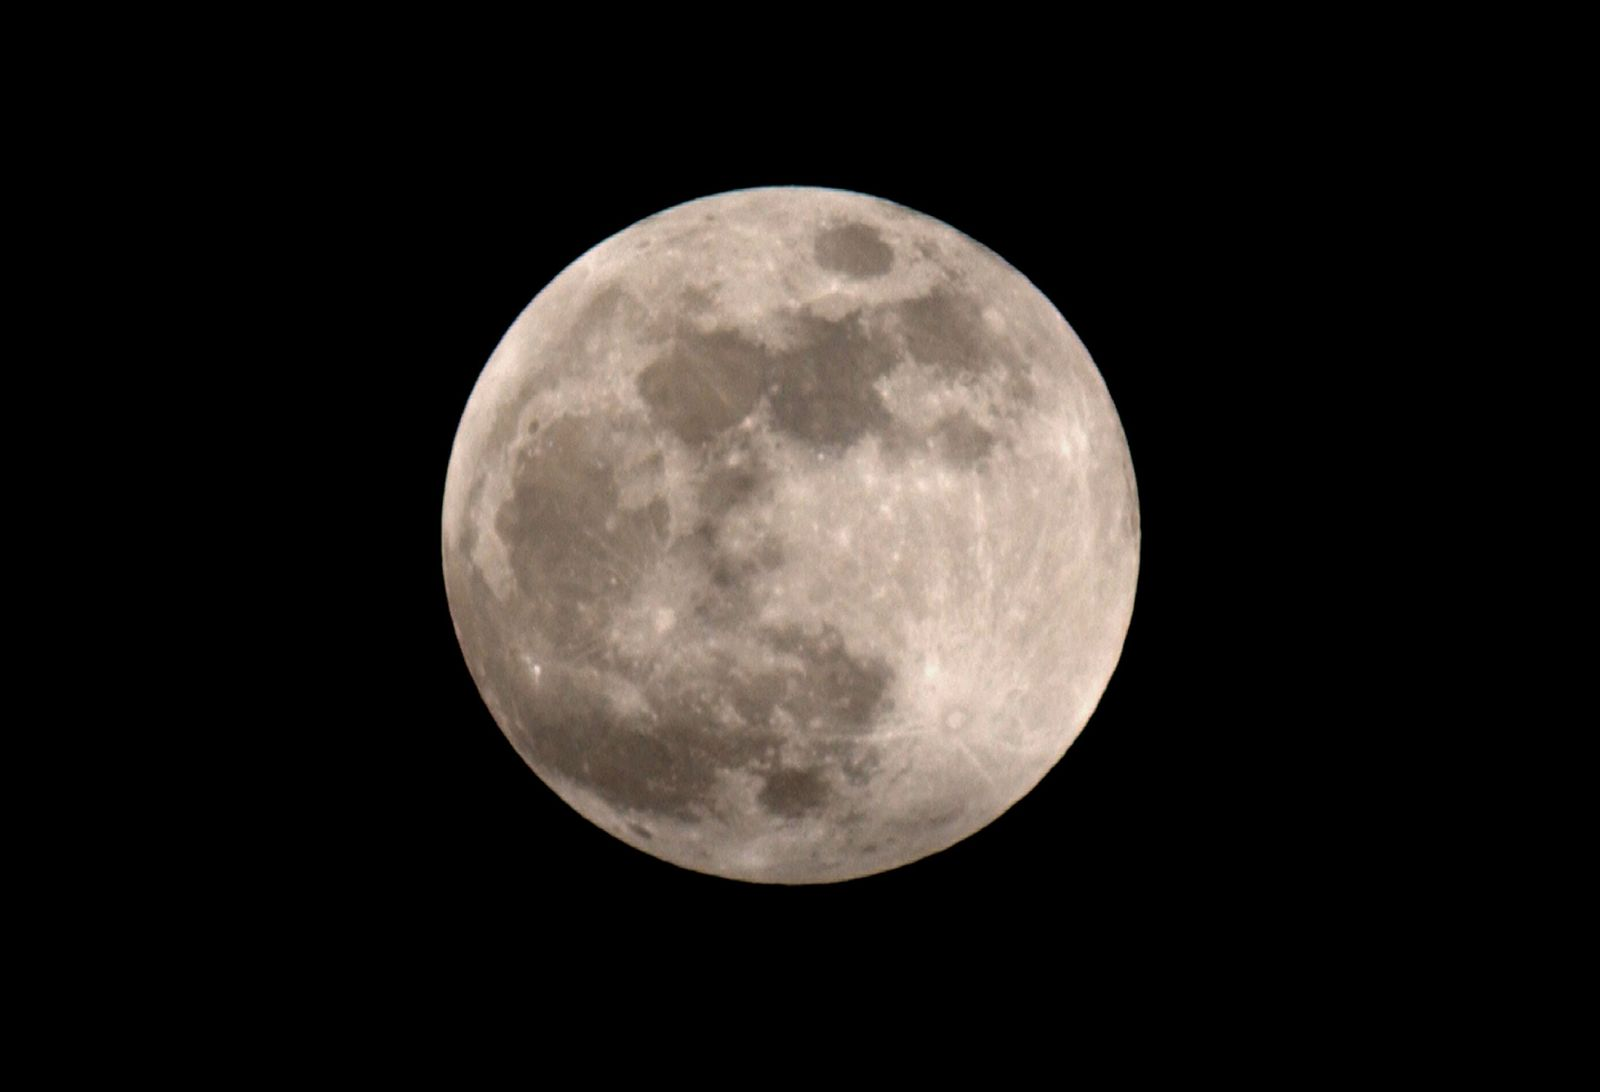 Vollmond vor Mondfinsternis